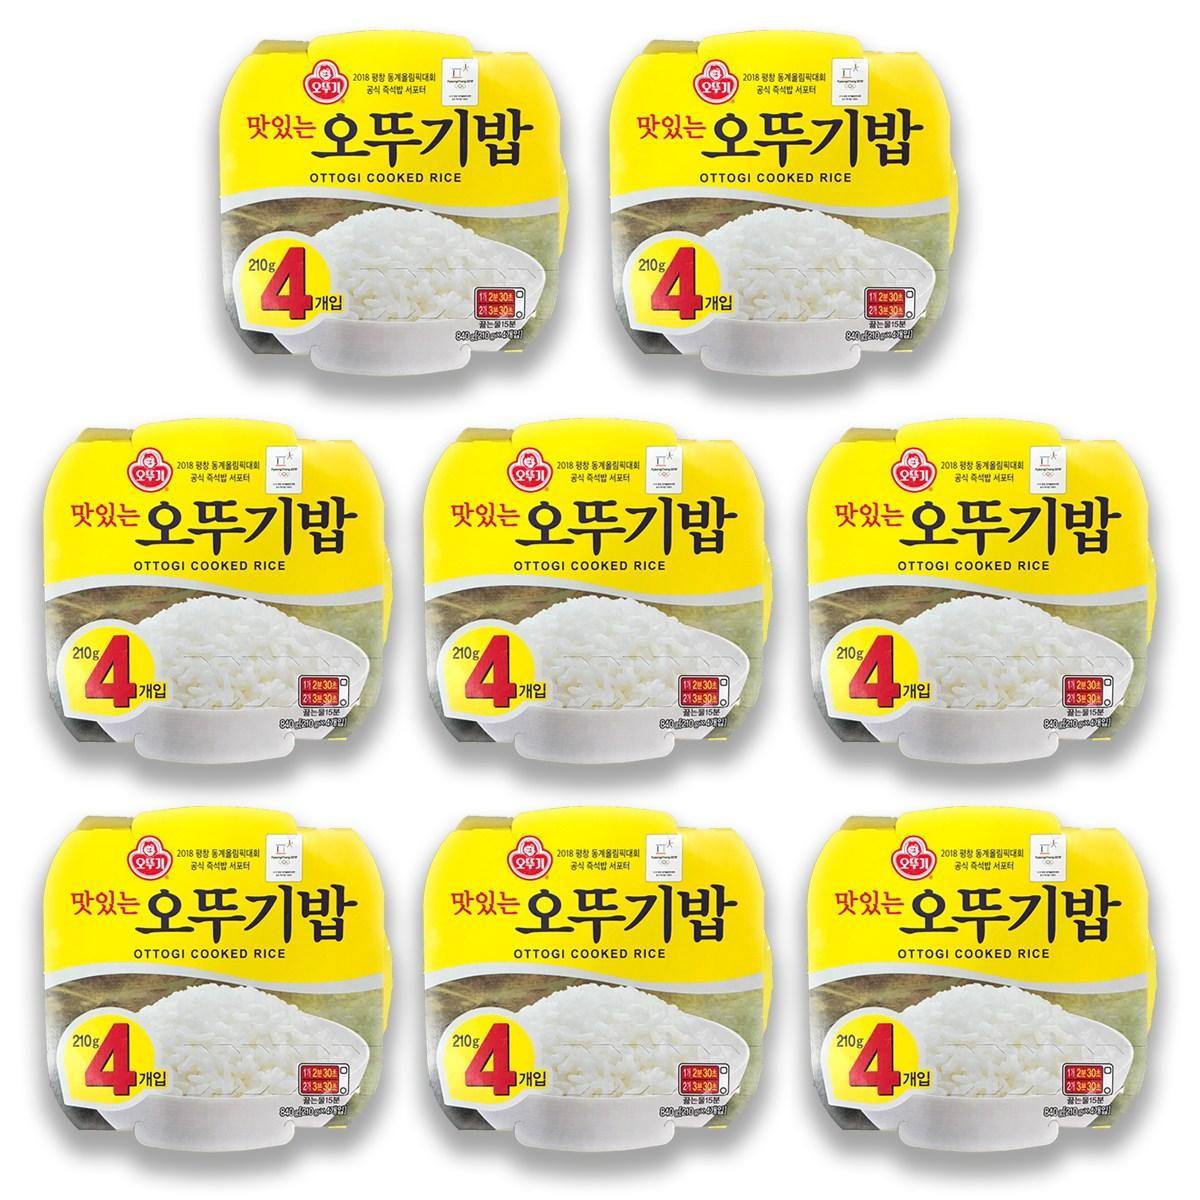 오뚜기 맛있는 오뚜기밥, 210g, 32개